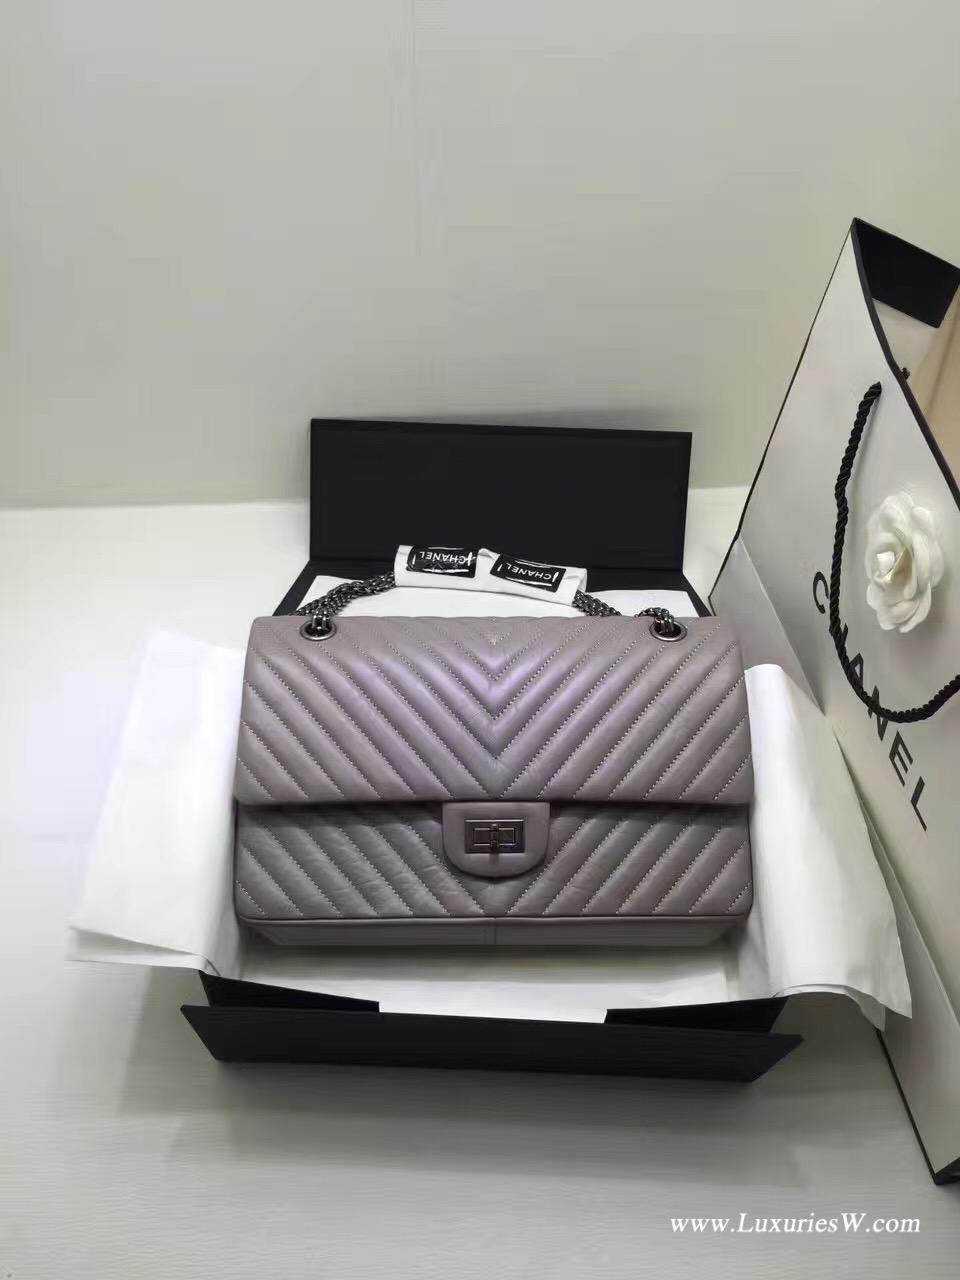 小香經典款女包大號Large 2.55 handbag 口蓋包V型復古小牛皮與釕色金屬灰色